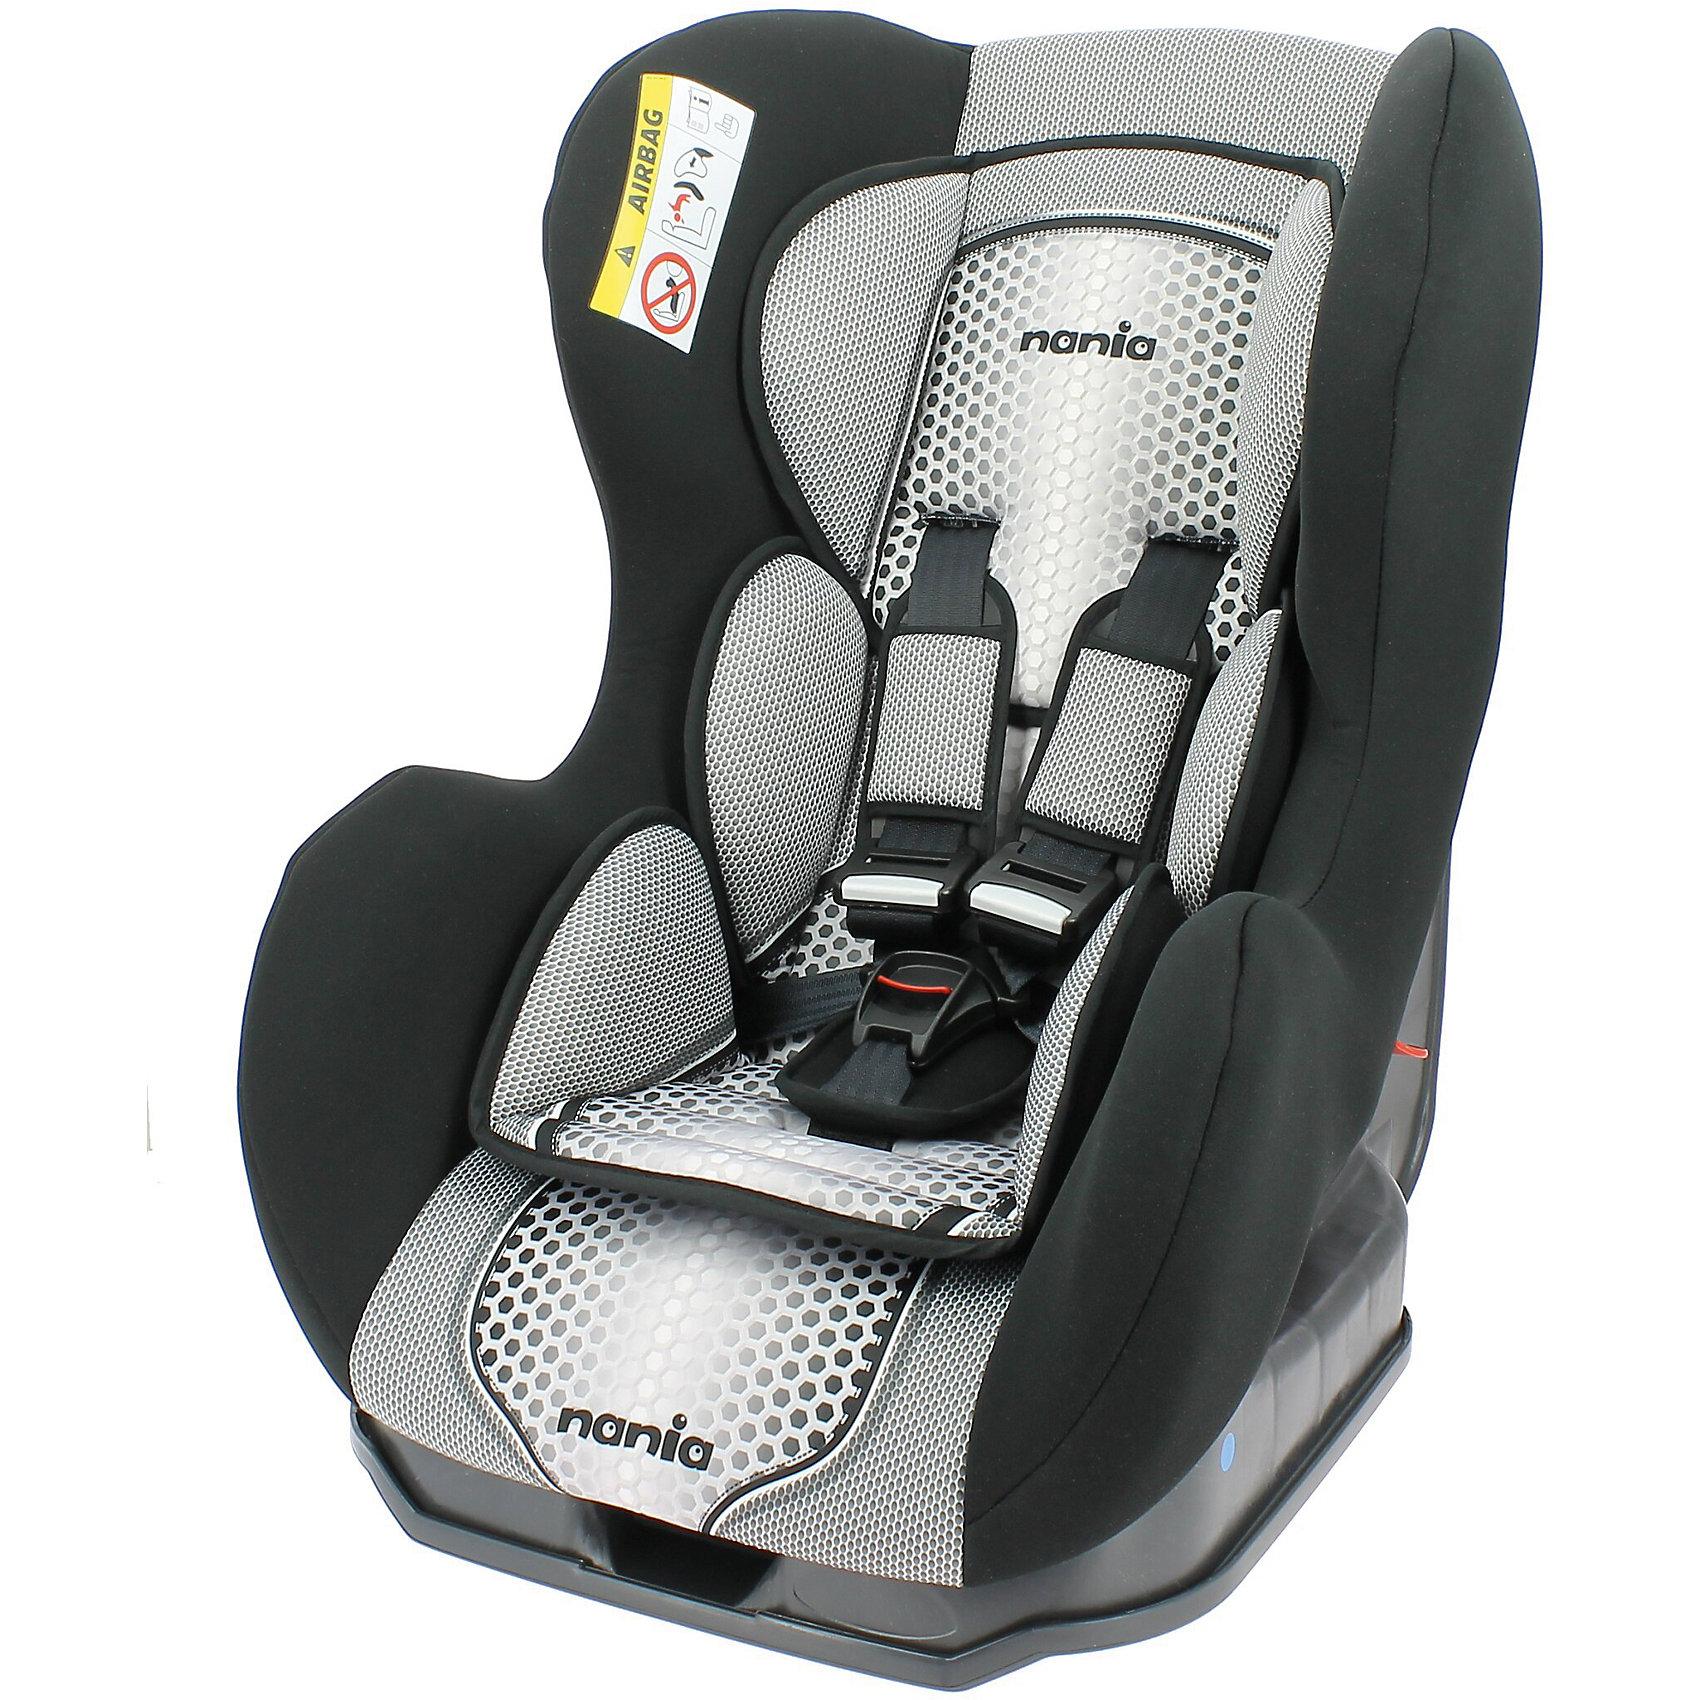 Автокресло Nania Cosmo SP FST, 0-18 кг, pop blackГруппа 0+, 1 (До 18 кг)<br>Характеристики Nania Cosmo SP FST:<br><br>• группа 0+/1;<br>• вес ребенка: до 18 кг;<br>• возраст ребенка: от рождения до 4-х лет;<br>• способ установки: против хода (до 9 кг) и по ходу движения автомобиля (9-18кг);<br>• способ крепления: штатными ремнями безопасности автомобиля;<br>• 5-ти точечные ремни безопасности с мягкими накладками;<br>• угол наклона спинки регулируется: 3 положения;<br>• анатомический вкладыш для новорожденного, подголовник;<br>• дополнительная защита от боковых ударов, система SP (side protection);<br>• съемные чехлы, стирка при температуре 30 градусов;<br>• материал: пластик, полиэстер;<br>• стандарт безопасности: ЕСЕ R44/03.<br><br>Размер автокресла: 54х45х61 см<br>Размер сиденья: 33х31 см<br>Высота спинки: 55 см<br>Вес автокресла: 5,7 кг<br><br>Автокресло Nania Cosmo SP FST устанавливается как по ходу движения, так и против хода движения автомобиля, как на заднем сиденье автомобиля, так и на переднем сиденье автомобиля (с условием отключения подушки безопасности). Регулируемая спинка дает возможность малышу занять удобное положение, как во время сна, так и во время бодрствования. Автокресло соответствует всем стандартам безопасности.<br><br>Автокресло Cosmo SP FST 0-18 кг., Nania, pop black можно купить в нашем интернет-магазине.<br><br>Ширина мм: 600<br>Глубина мм: 500<br>Высота мм: 700<br>Вес г: 6000<br>Возраст от месяцев: 0<br>Возраст до месяцев: 48<br>Пол: Унисекс<br>Возраст: Детский<br>SKU: 5350603